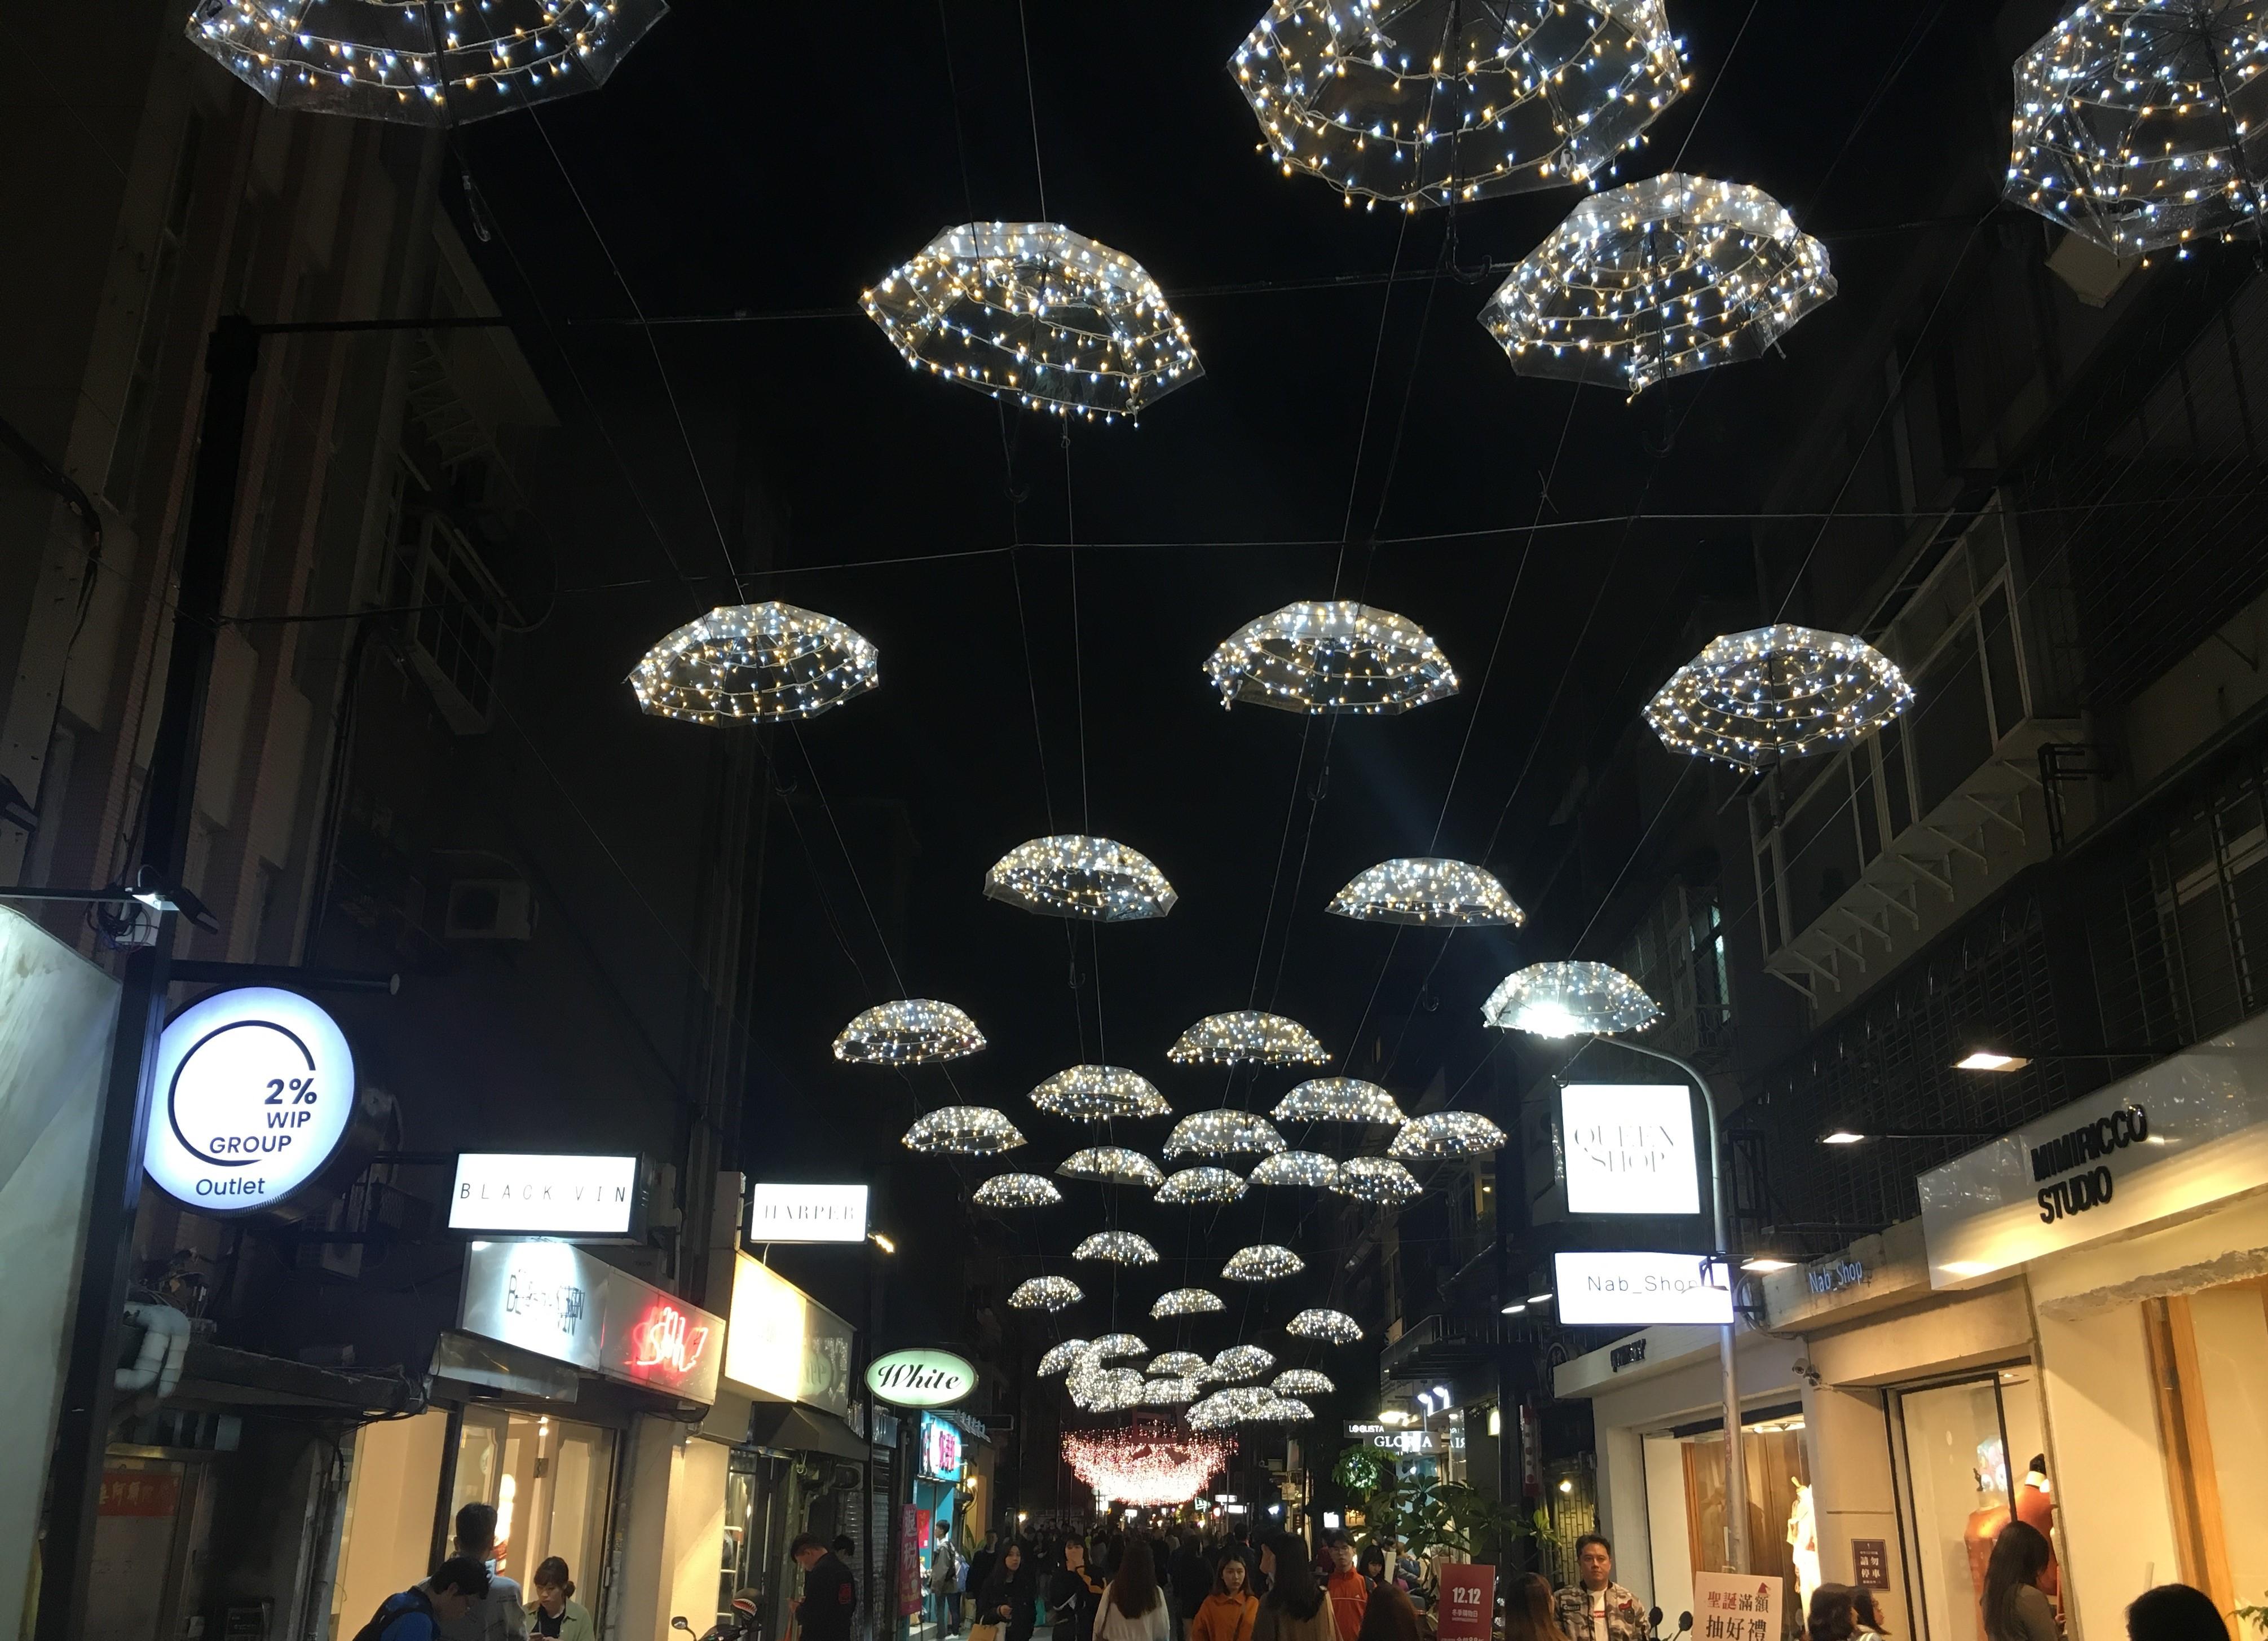 跨年活動推出TaipeiXmas打頭陣,市府周邊仁愛路到東區商圈綿延3000公尺的閃耀燈飾成為焦點。圖/A編